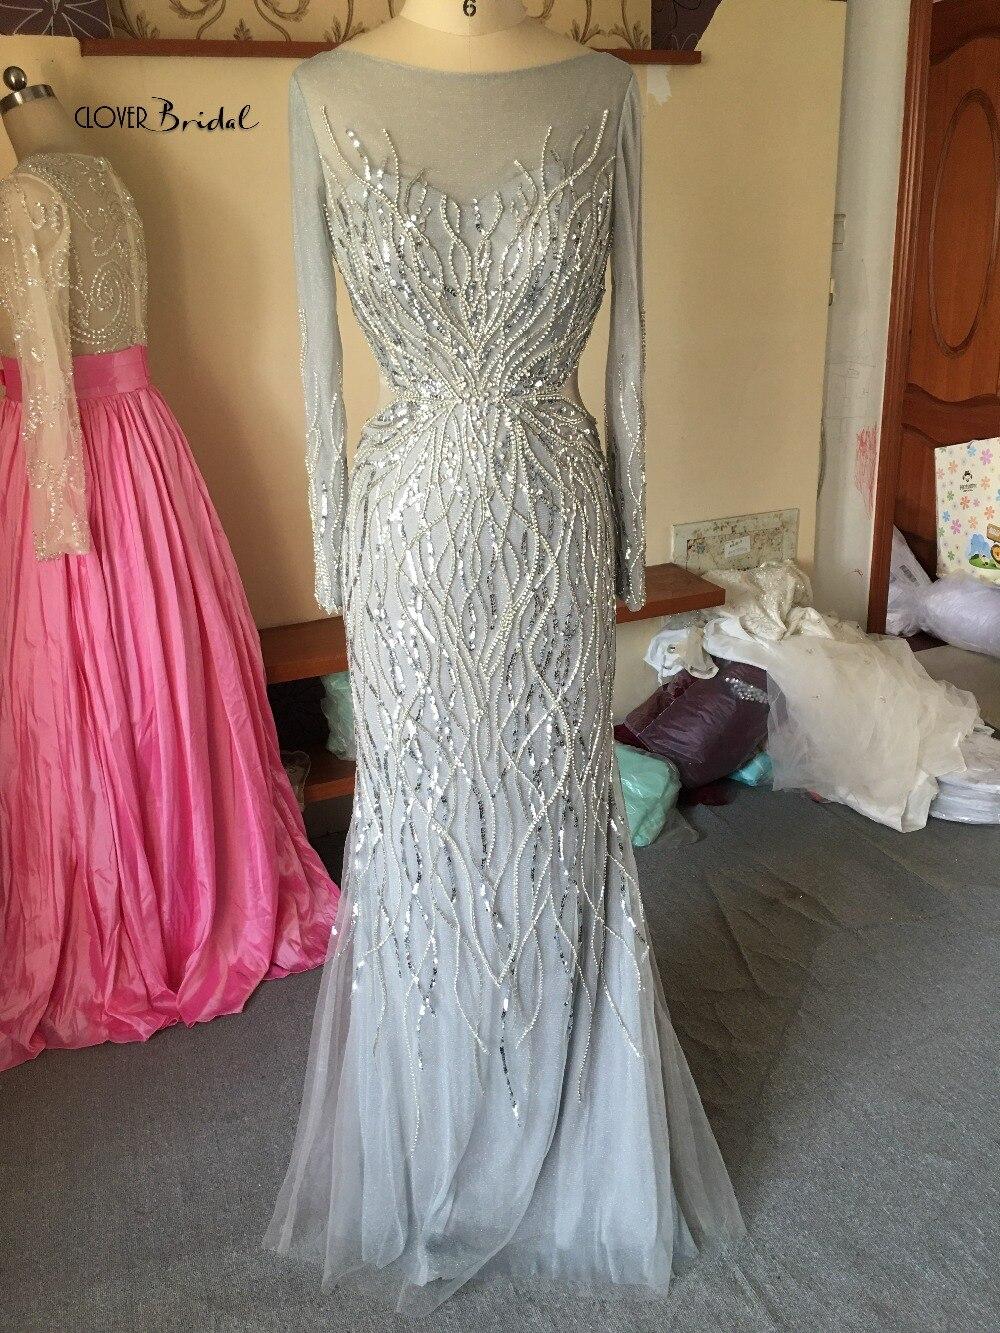 cloverbridal lange armel silberperlen festliche kleider abendkleider 2019  lengan panjang perak batu malam gaun mewah